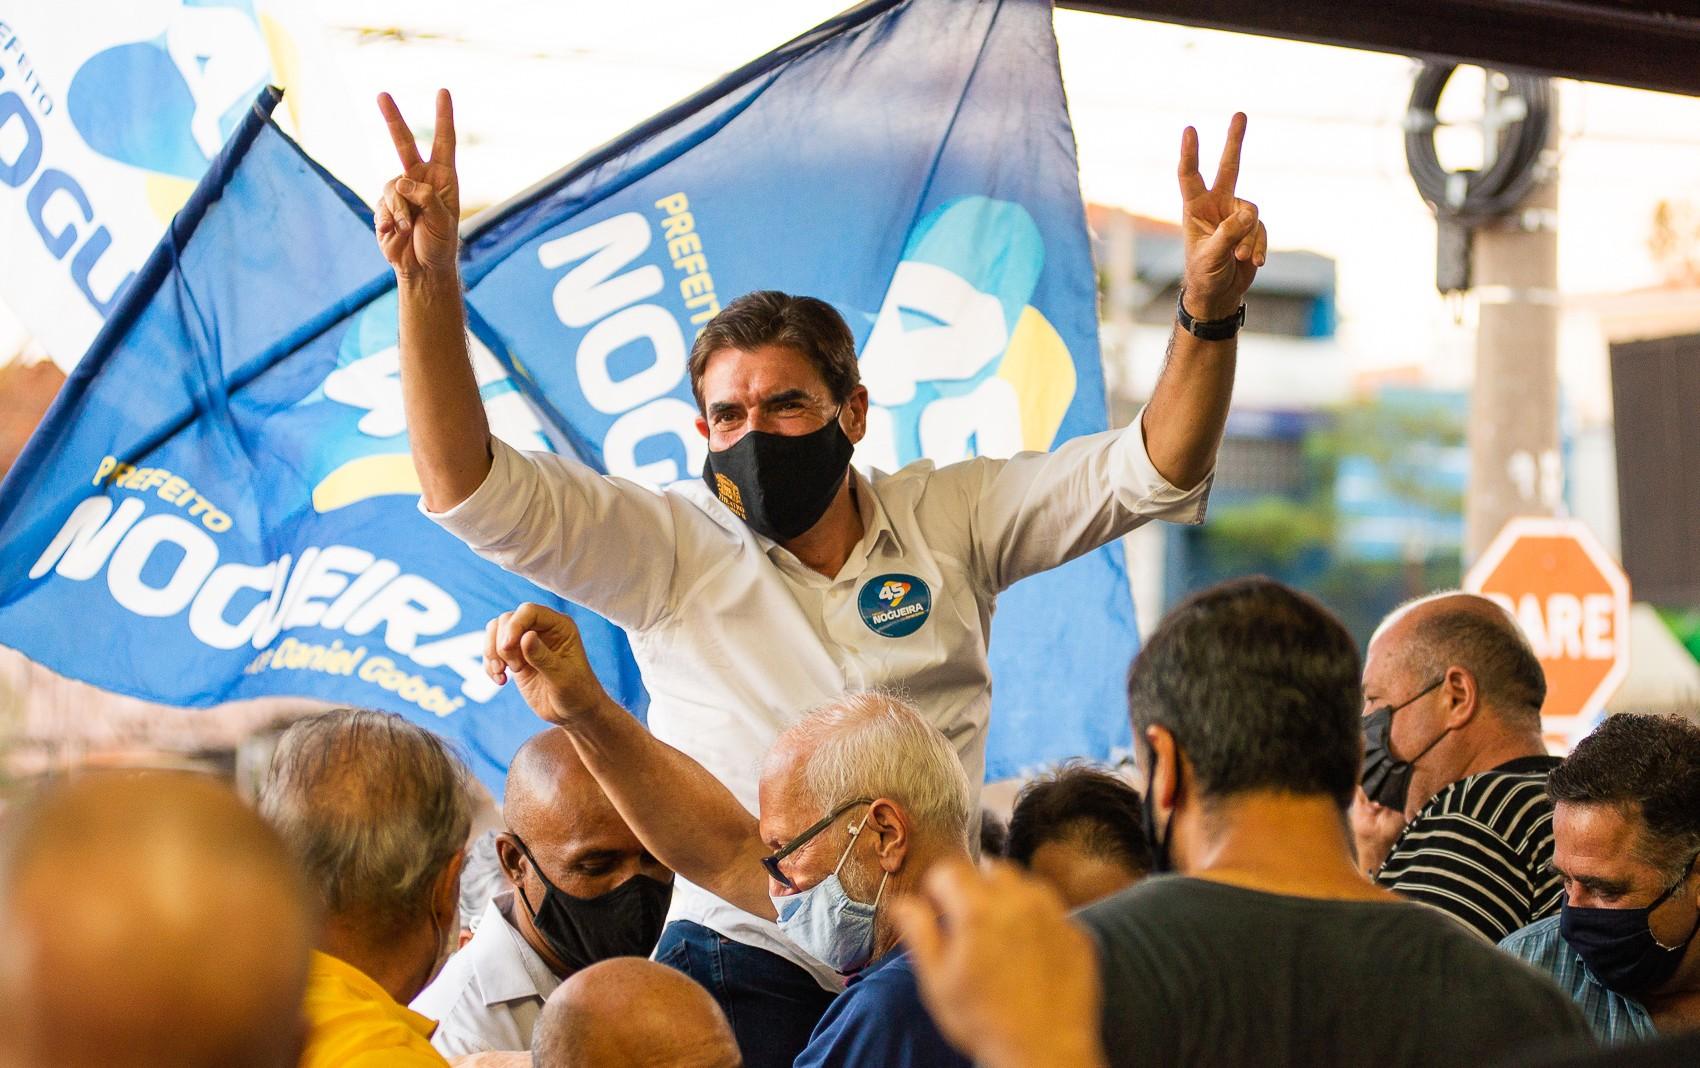 Duarte Nogueira vence em todas as zonas eleitorais de Ribeirão Preto, SP